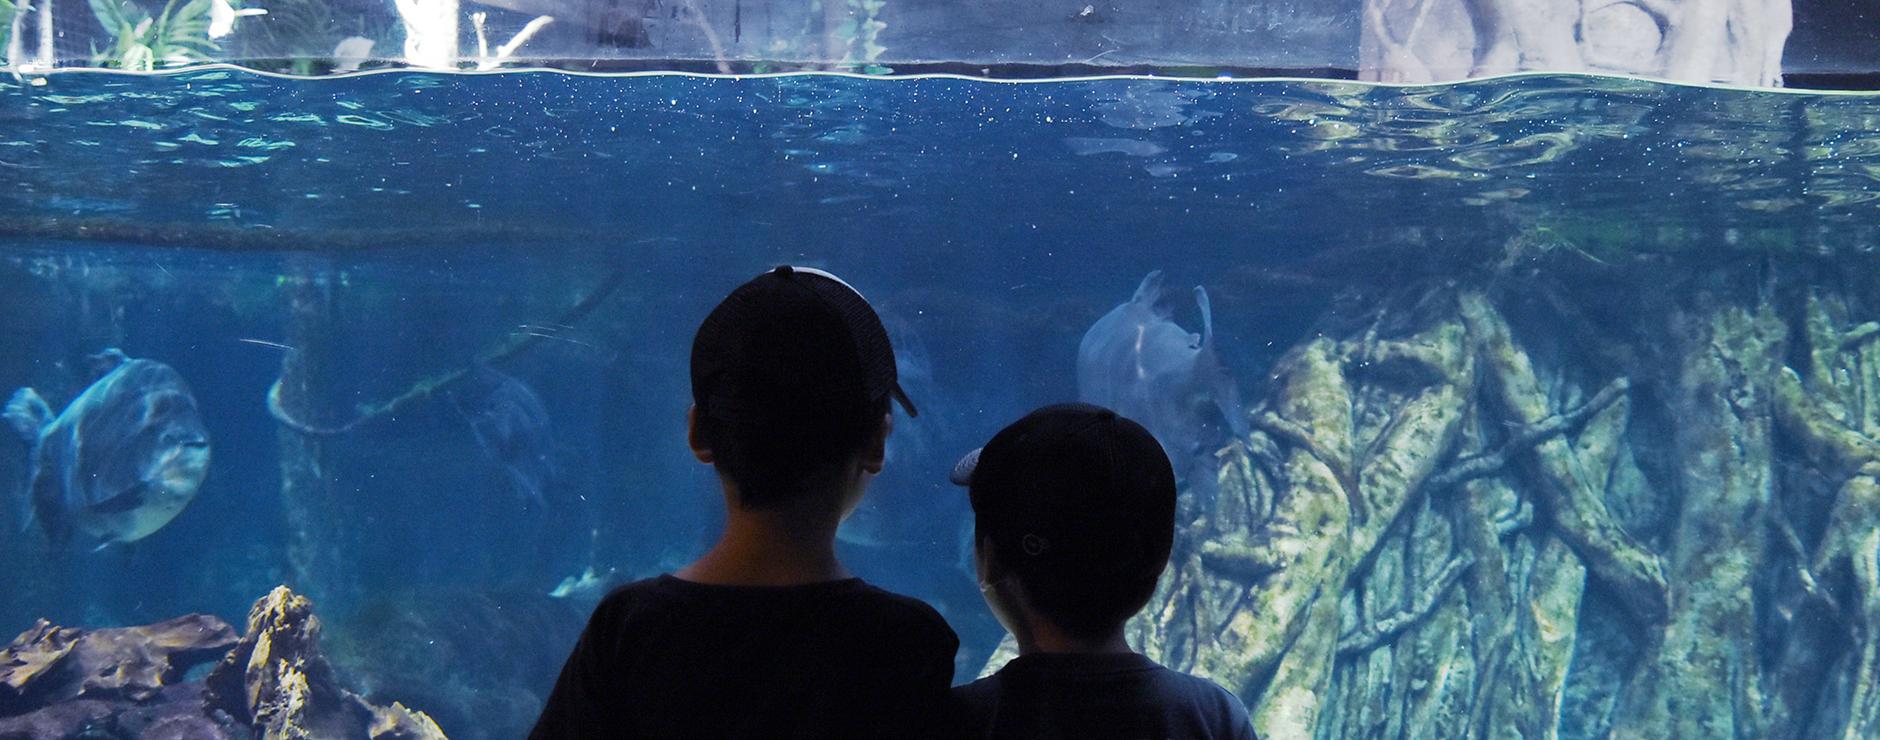 楽しみながら学べる、世界最大級の淡水魚水族館。